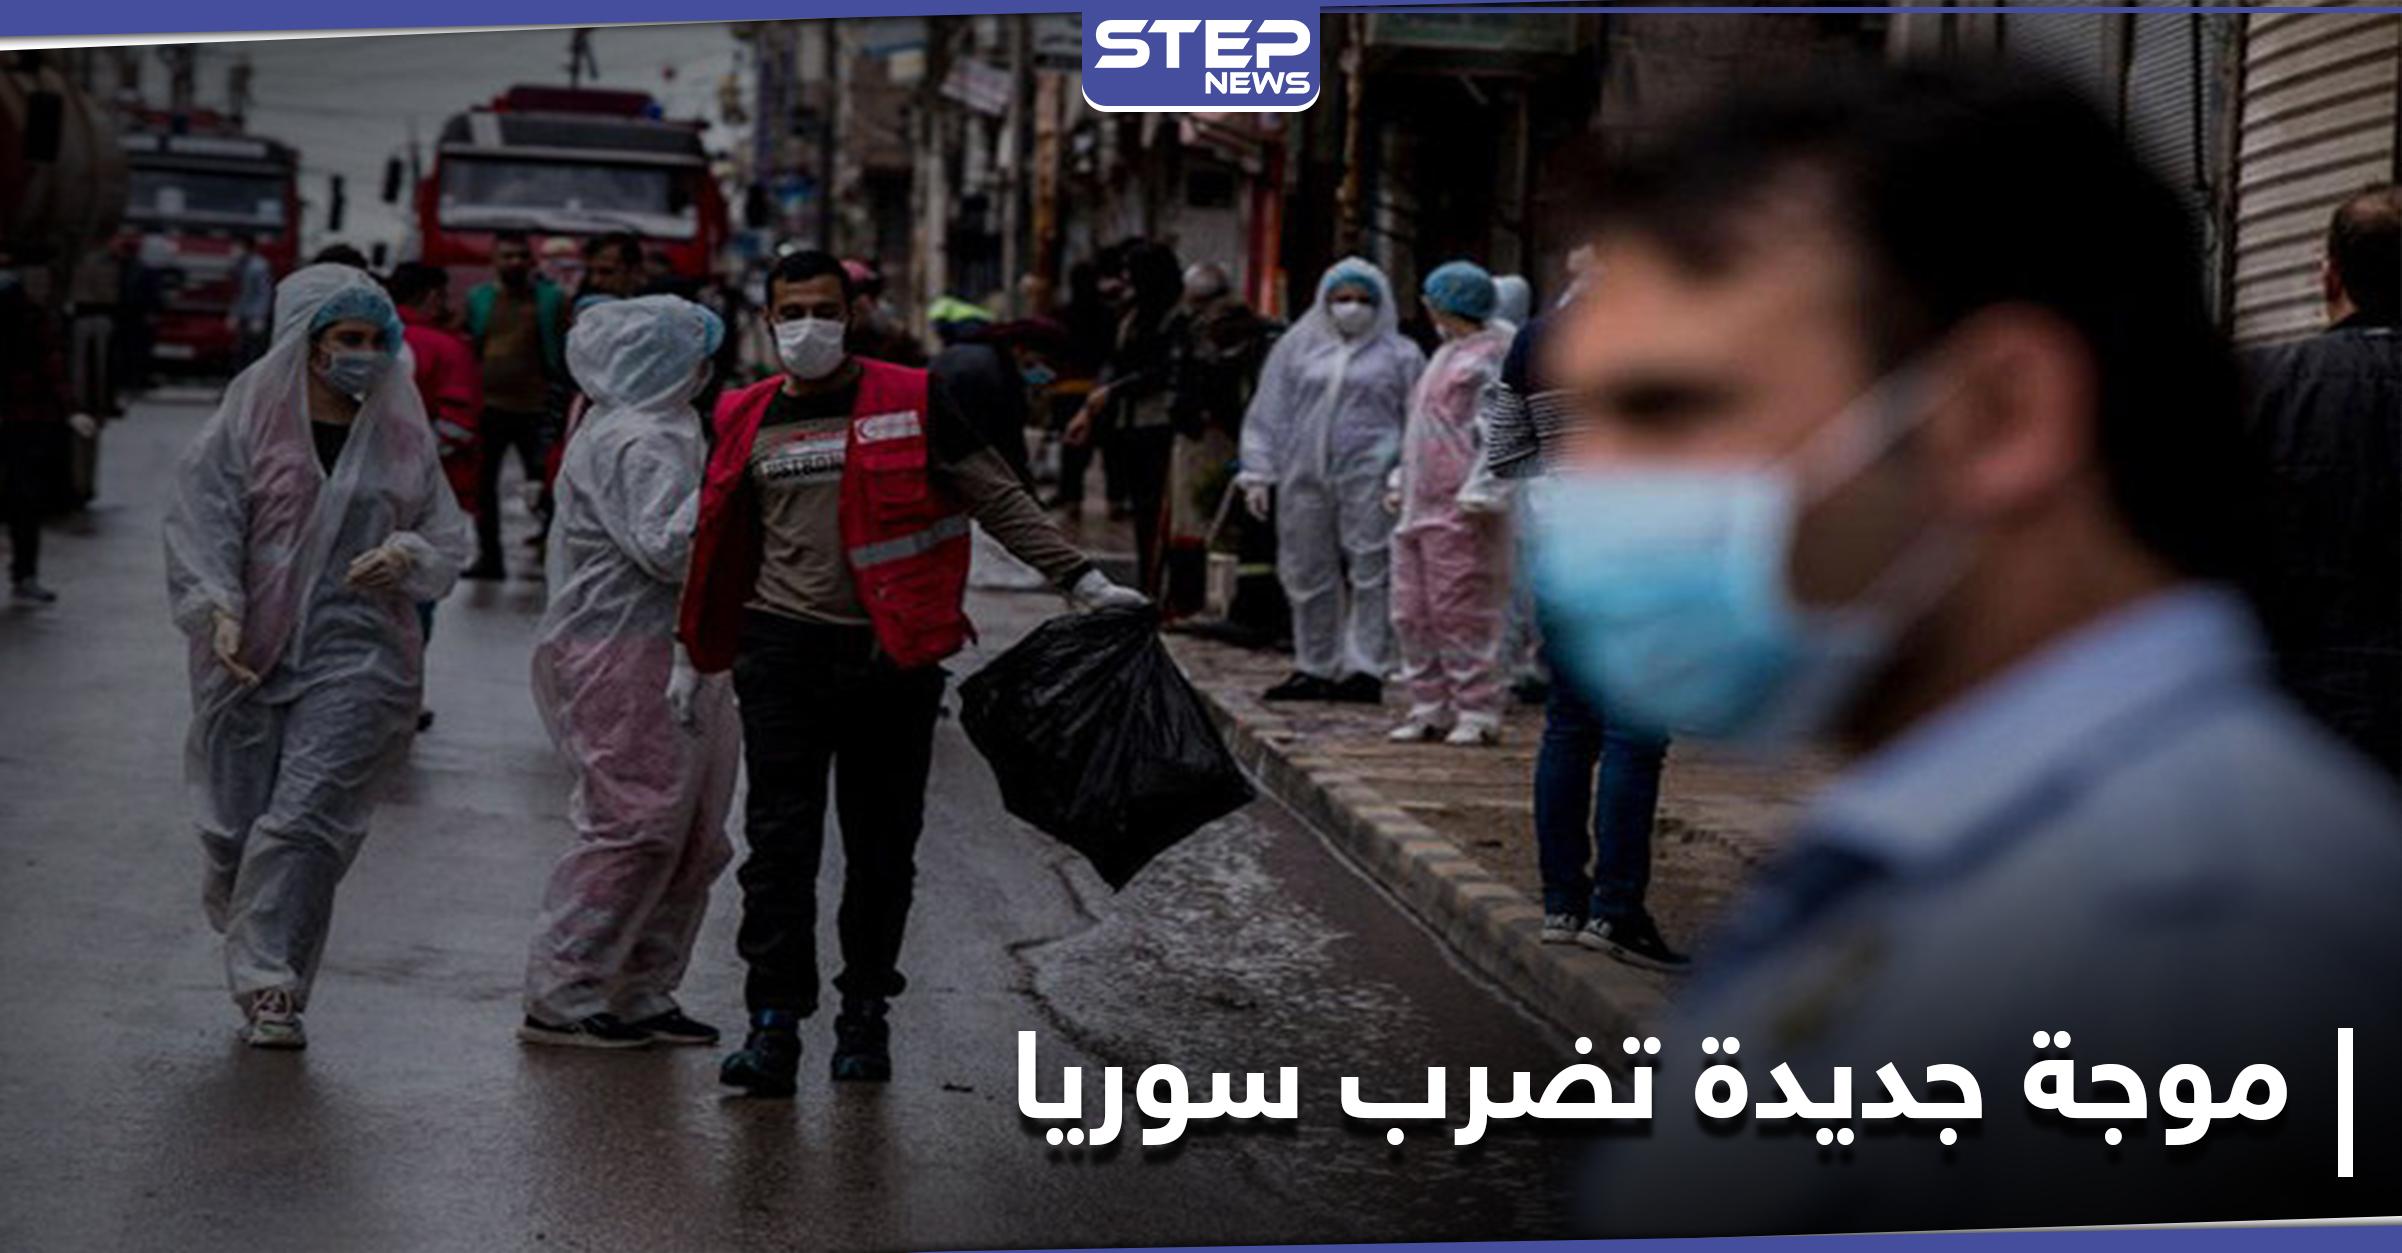 """موجة كورونا جديدة... المدارس تغلق أبوابها شرقي سوريا والنظام السوري يحول """"المجاني الوحيد"""" لعمليات القلب لمرضى الجائحة"""